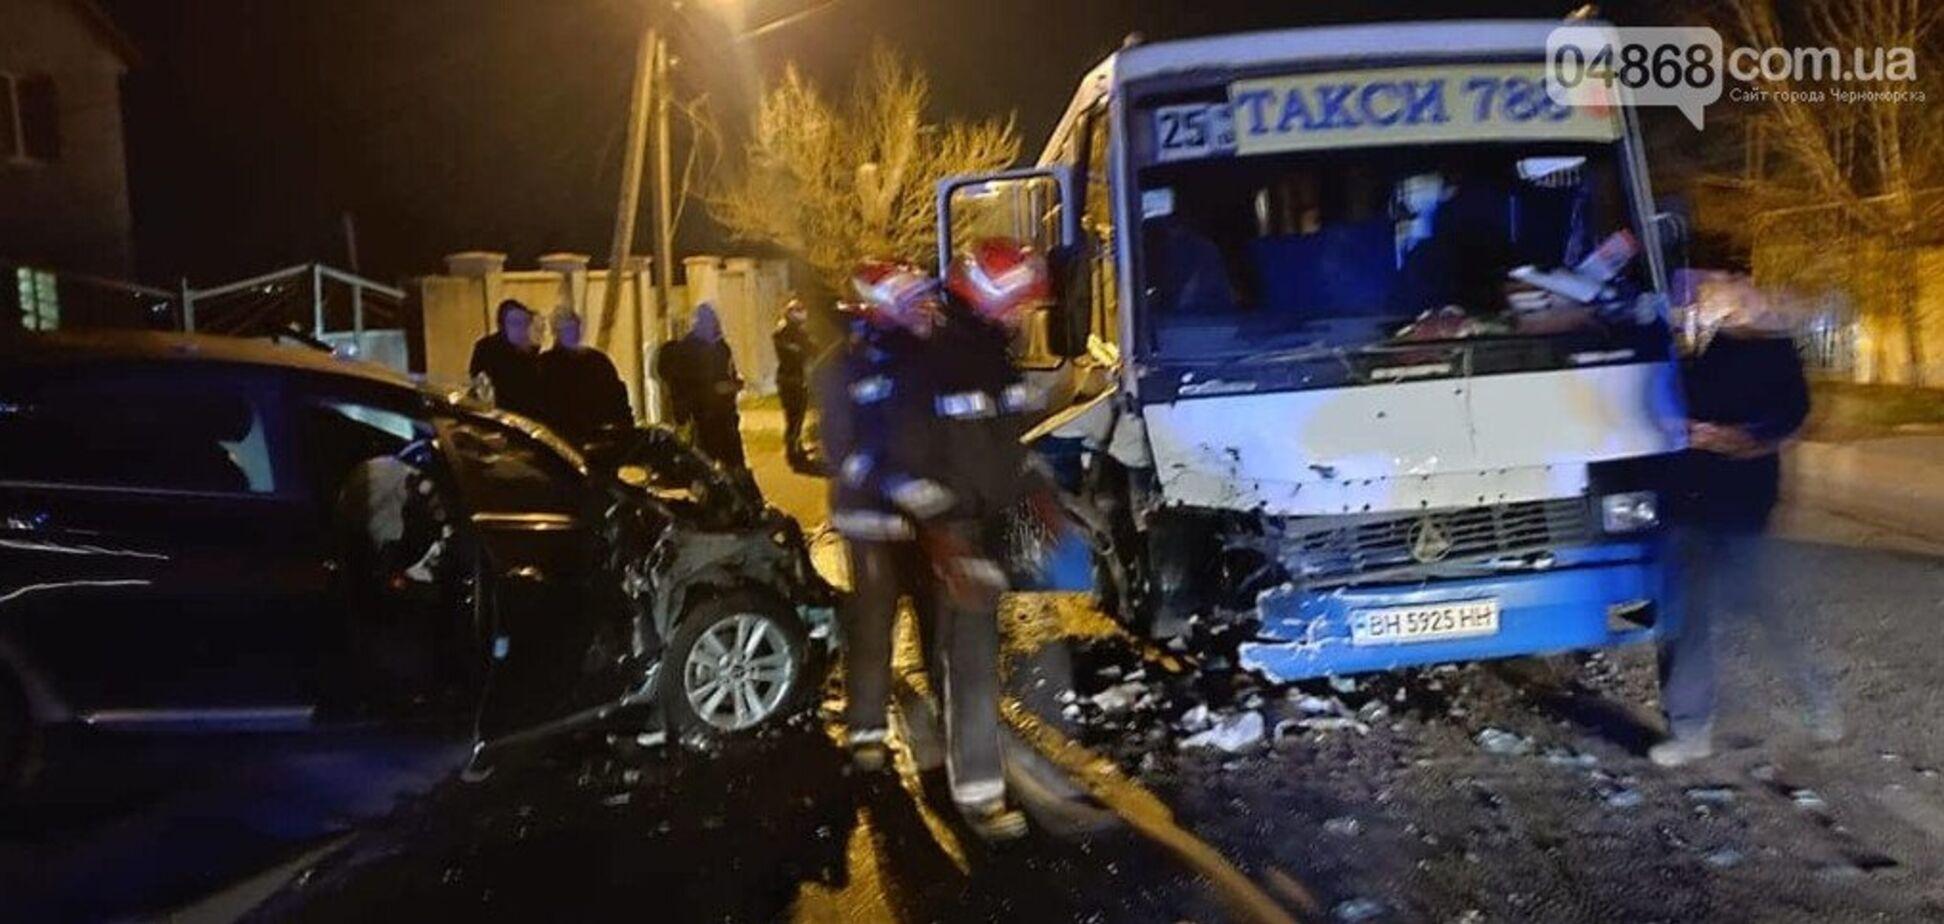 Маршрутка з пасажирами потрапила в страшне ДТП під Одесою